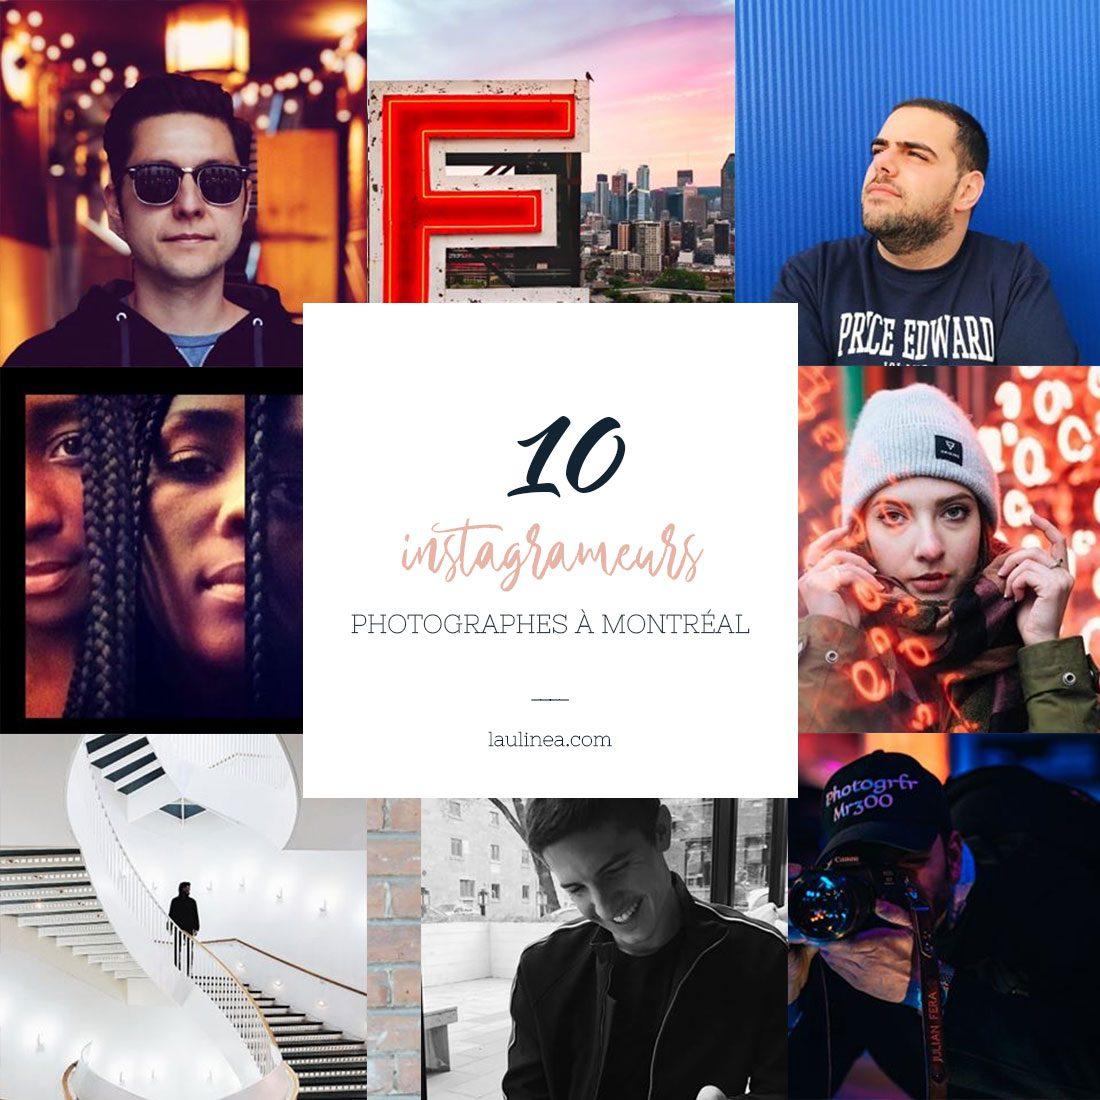 sélection de 10 comptes Instagram de photographes basés à Montréal, Canada